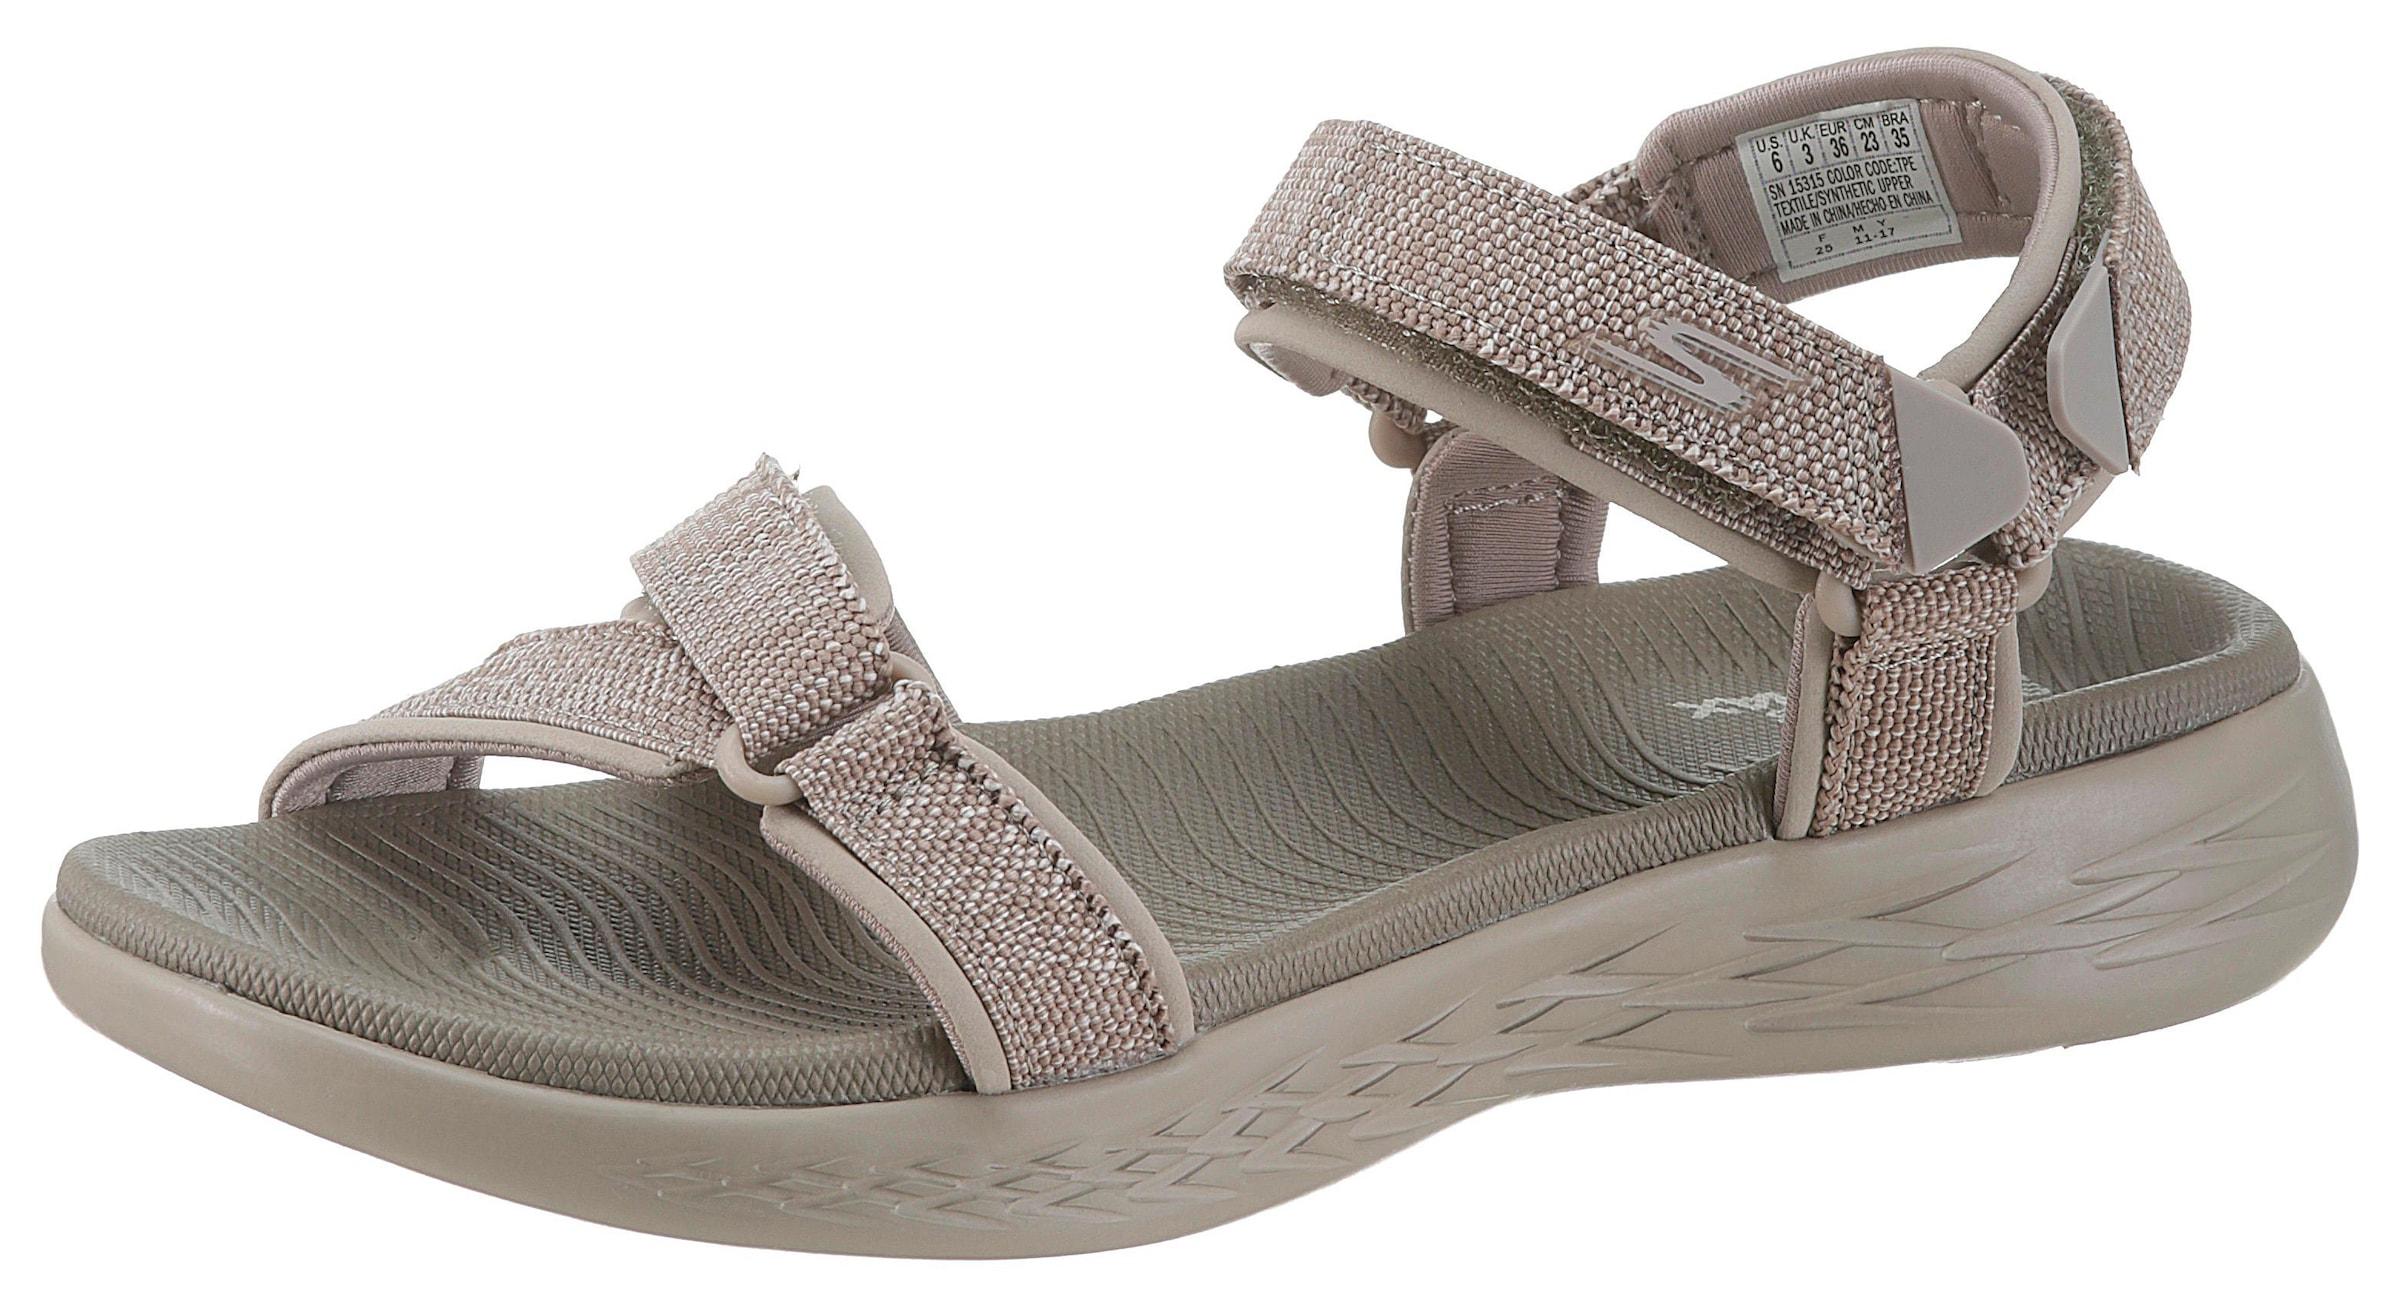 Skechers Sandale für Damen bei I'm walking